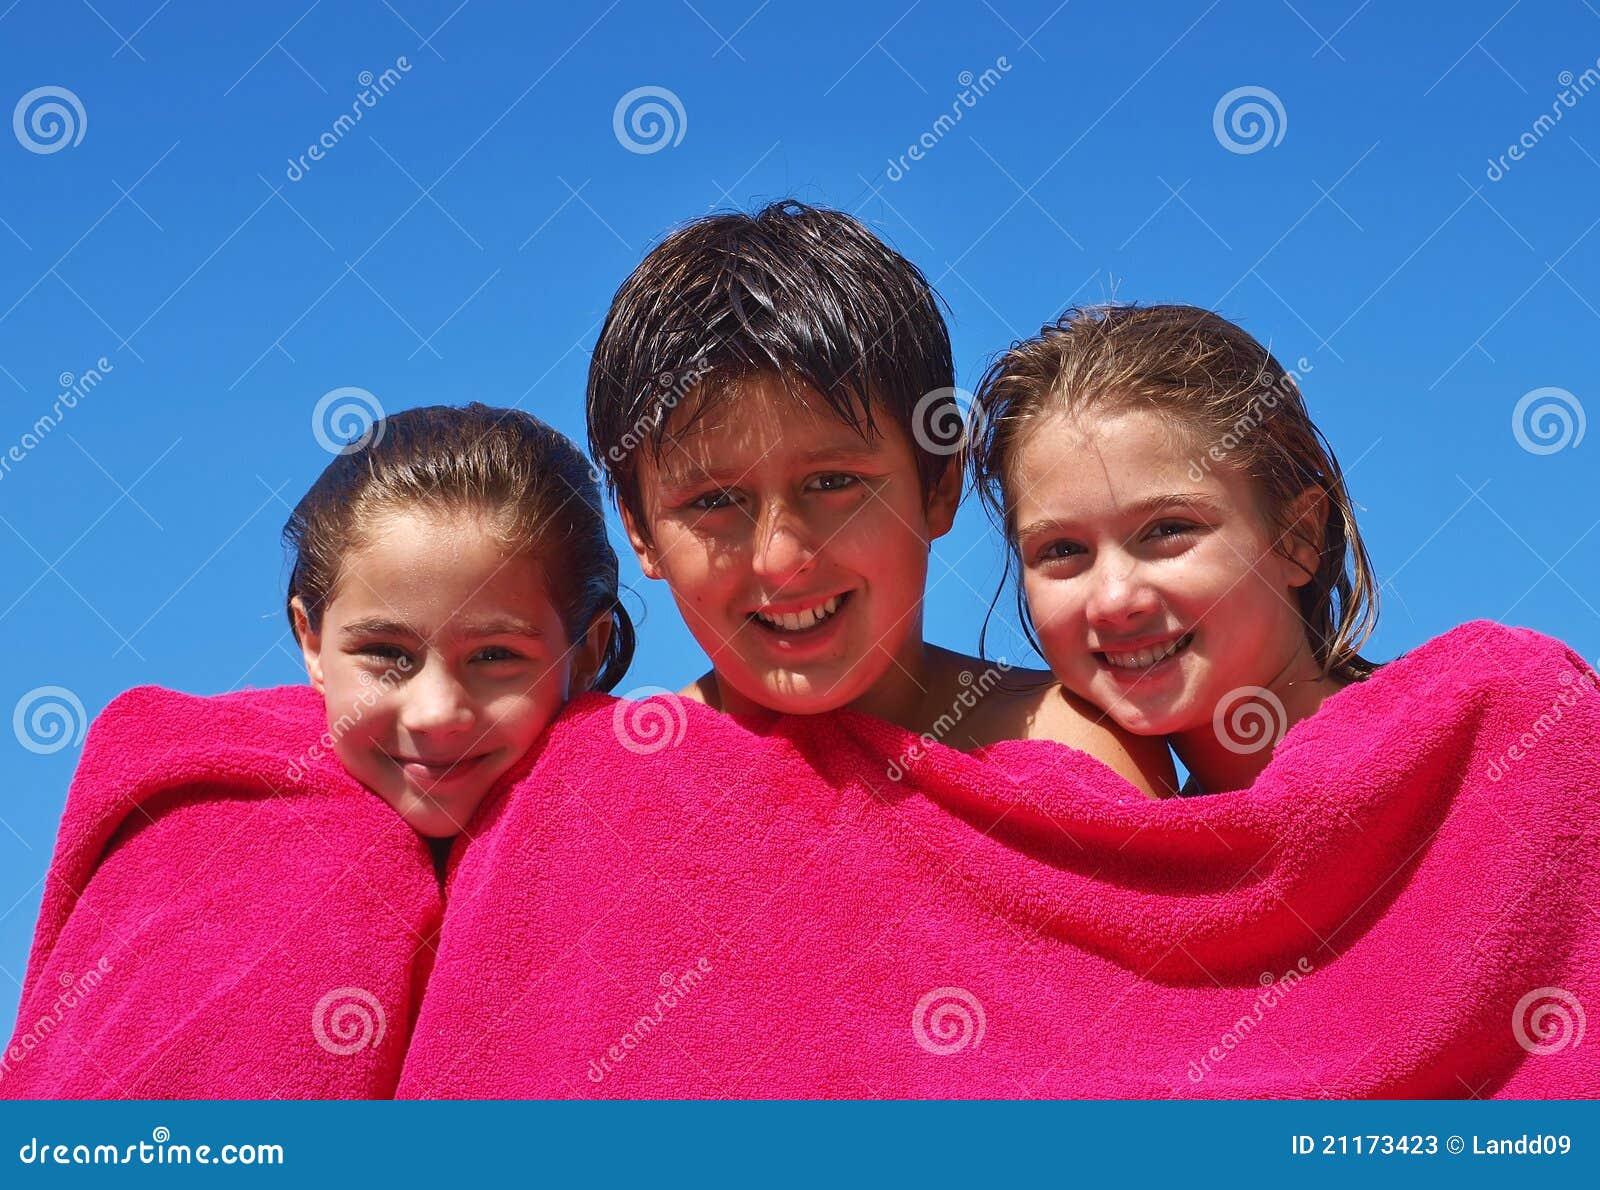 Bruder und Schwestern stockbild. Bild von babysitter